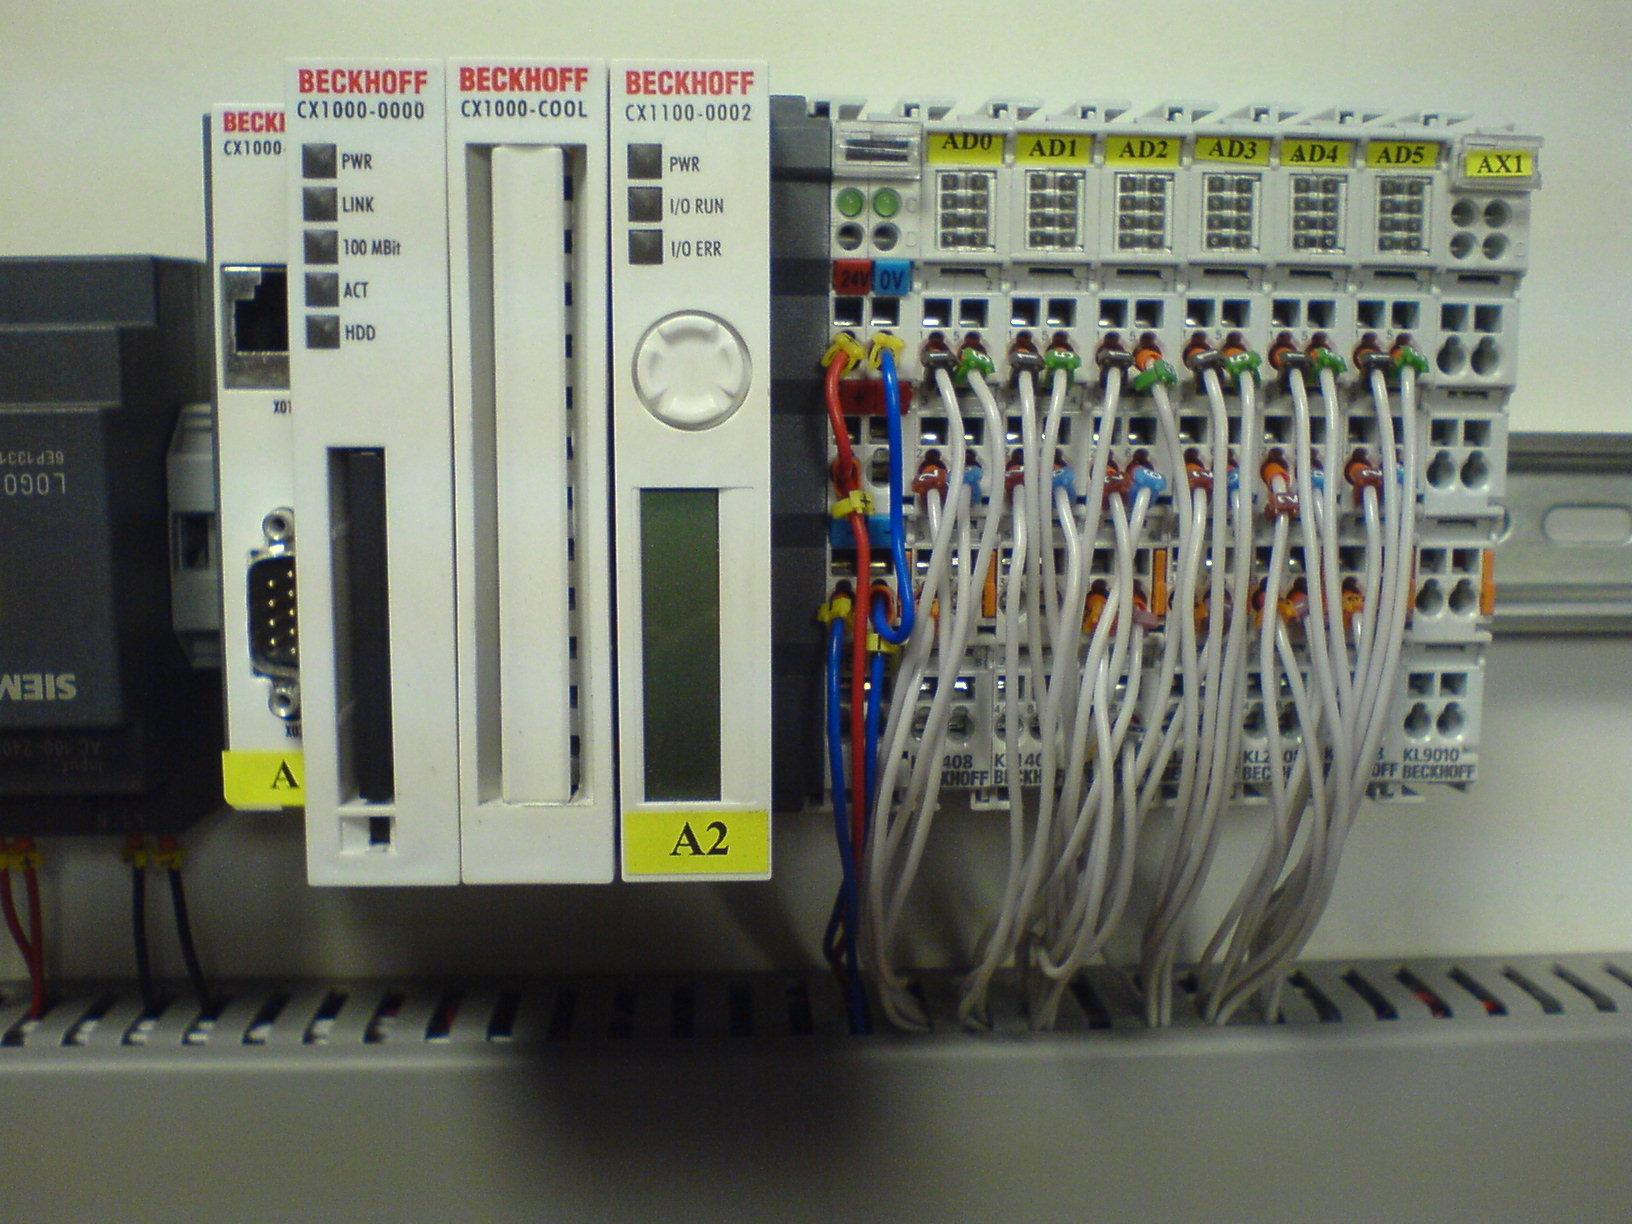 Съемные штекеры для модулей ввода-вывода серии KS от компании Beckhoff